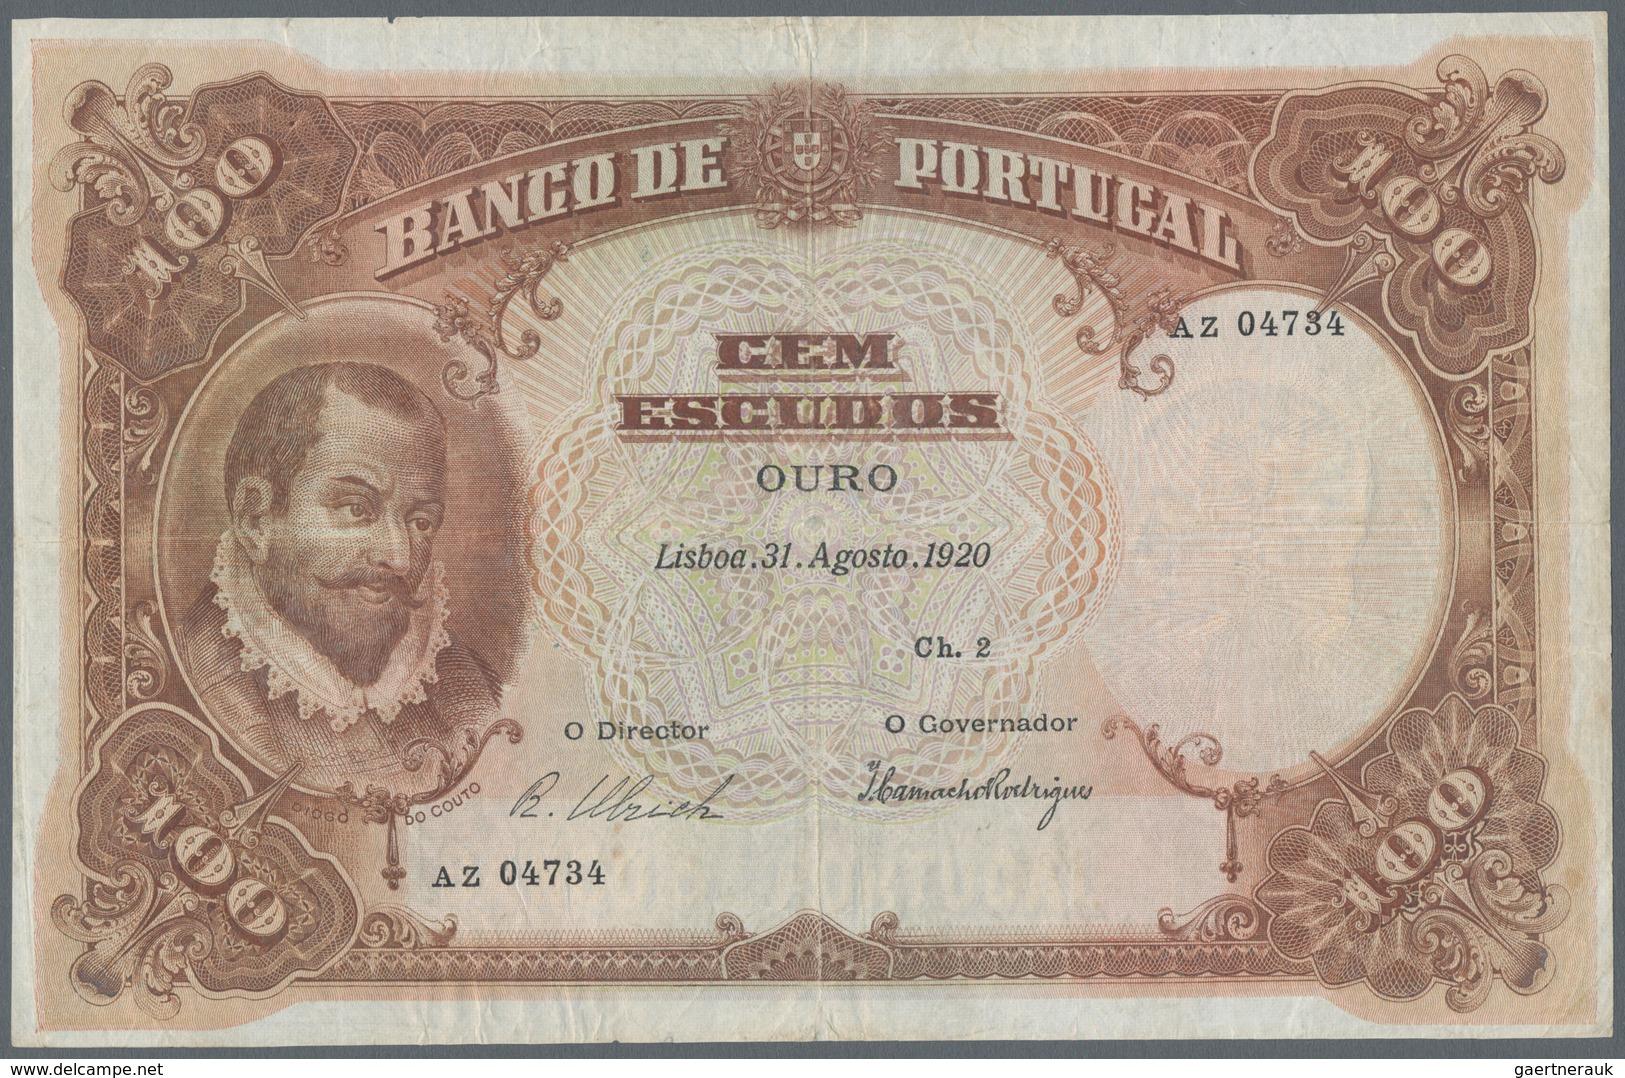 Portugal: Banco De Portugal 100 Escudos 1920, P.124, Very Attractive And Extraordinary Rare Banknote - Portugal